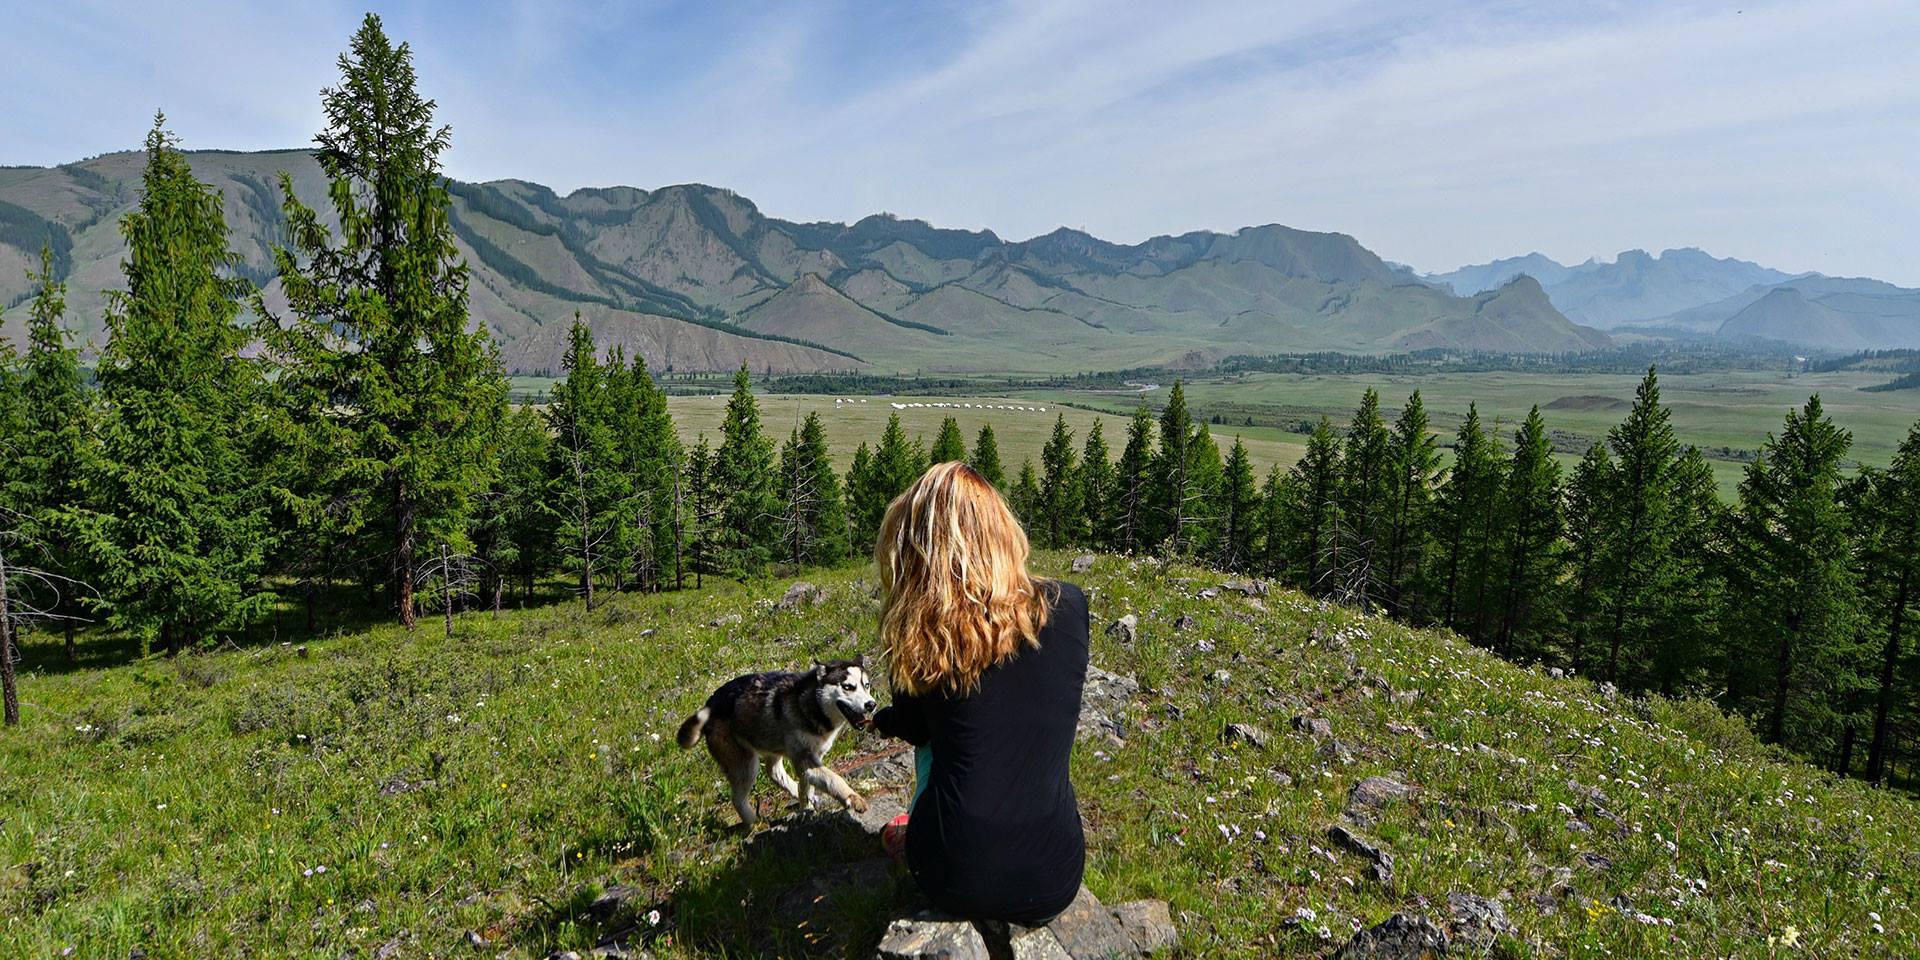 Дэлхийгээр аялсан эмэгтэй Монголыг хамгийн сайхан орноор нэрлэв